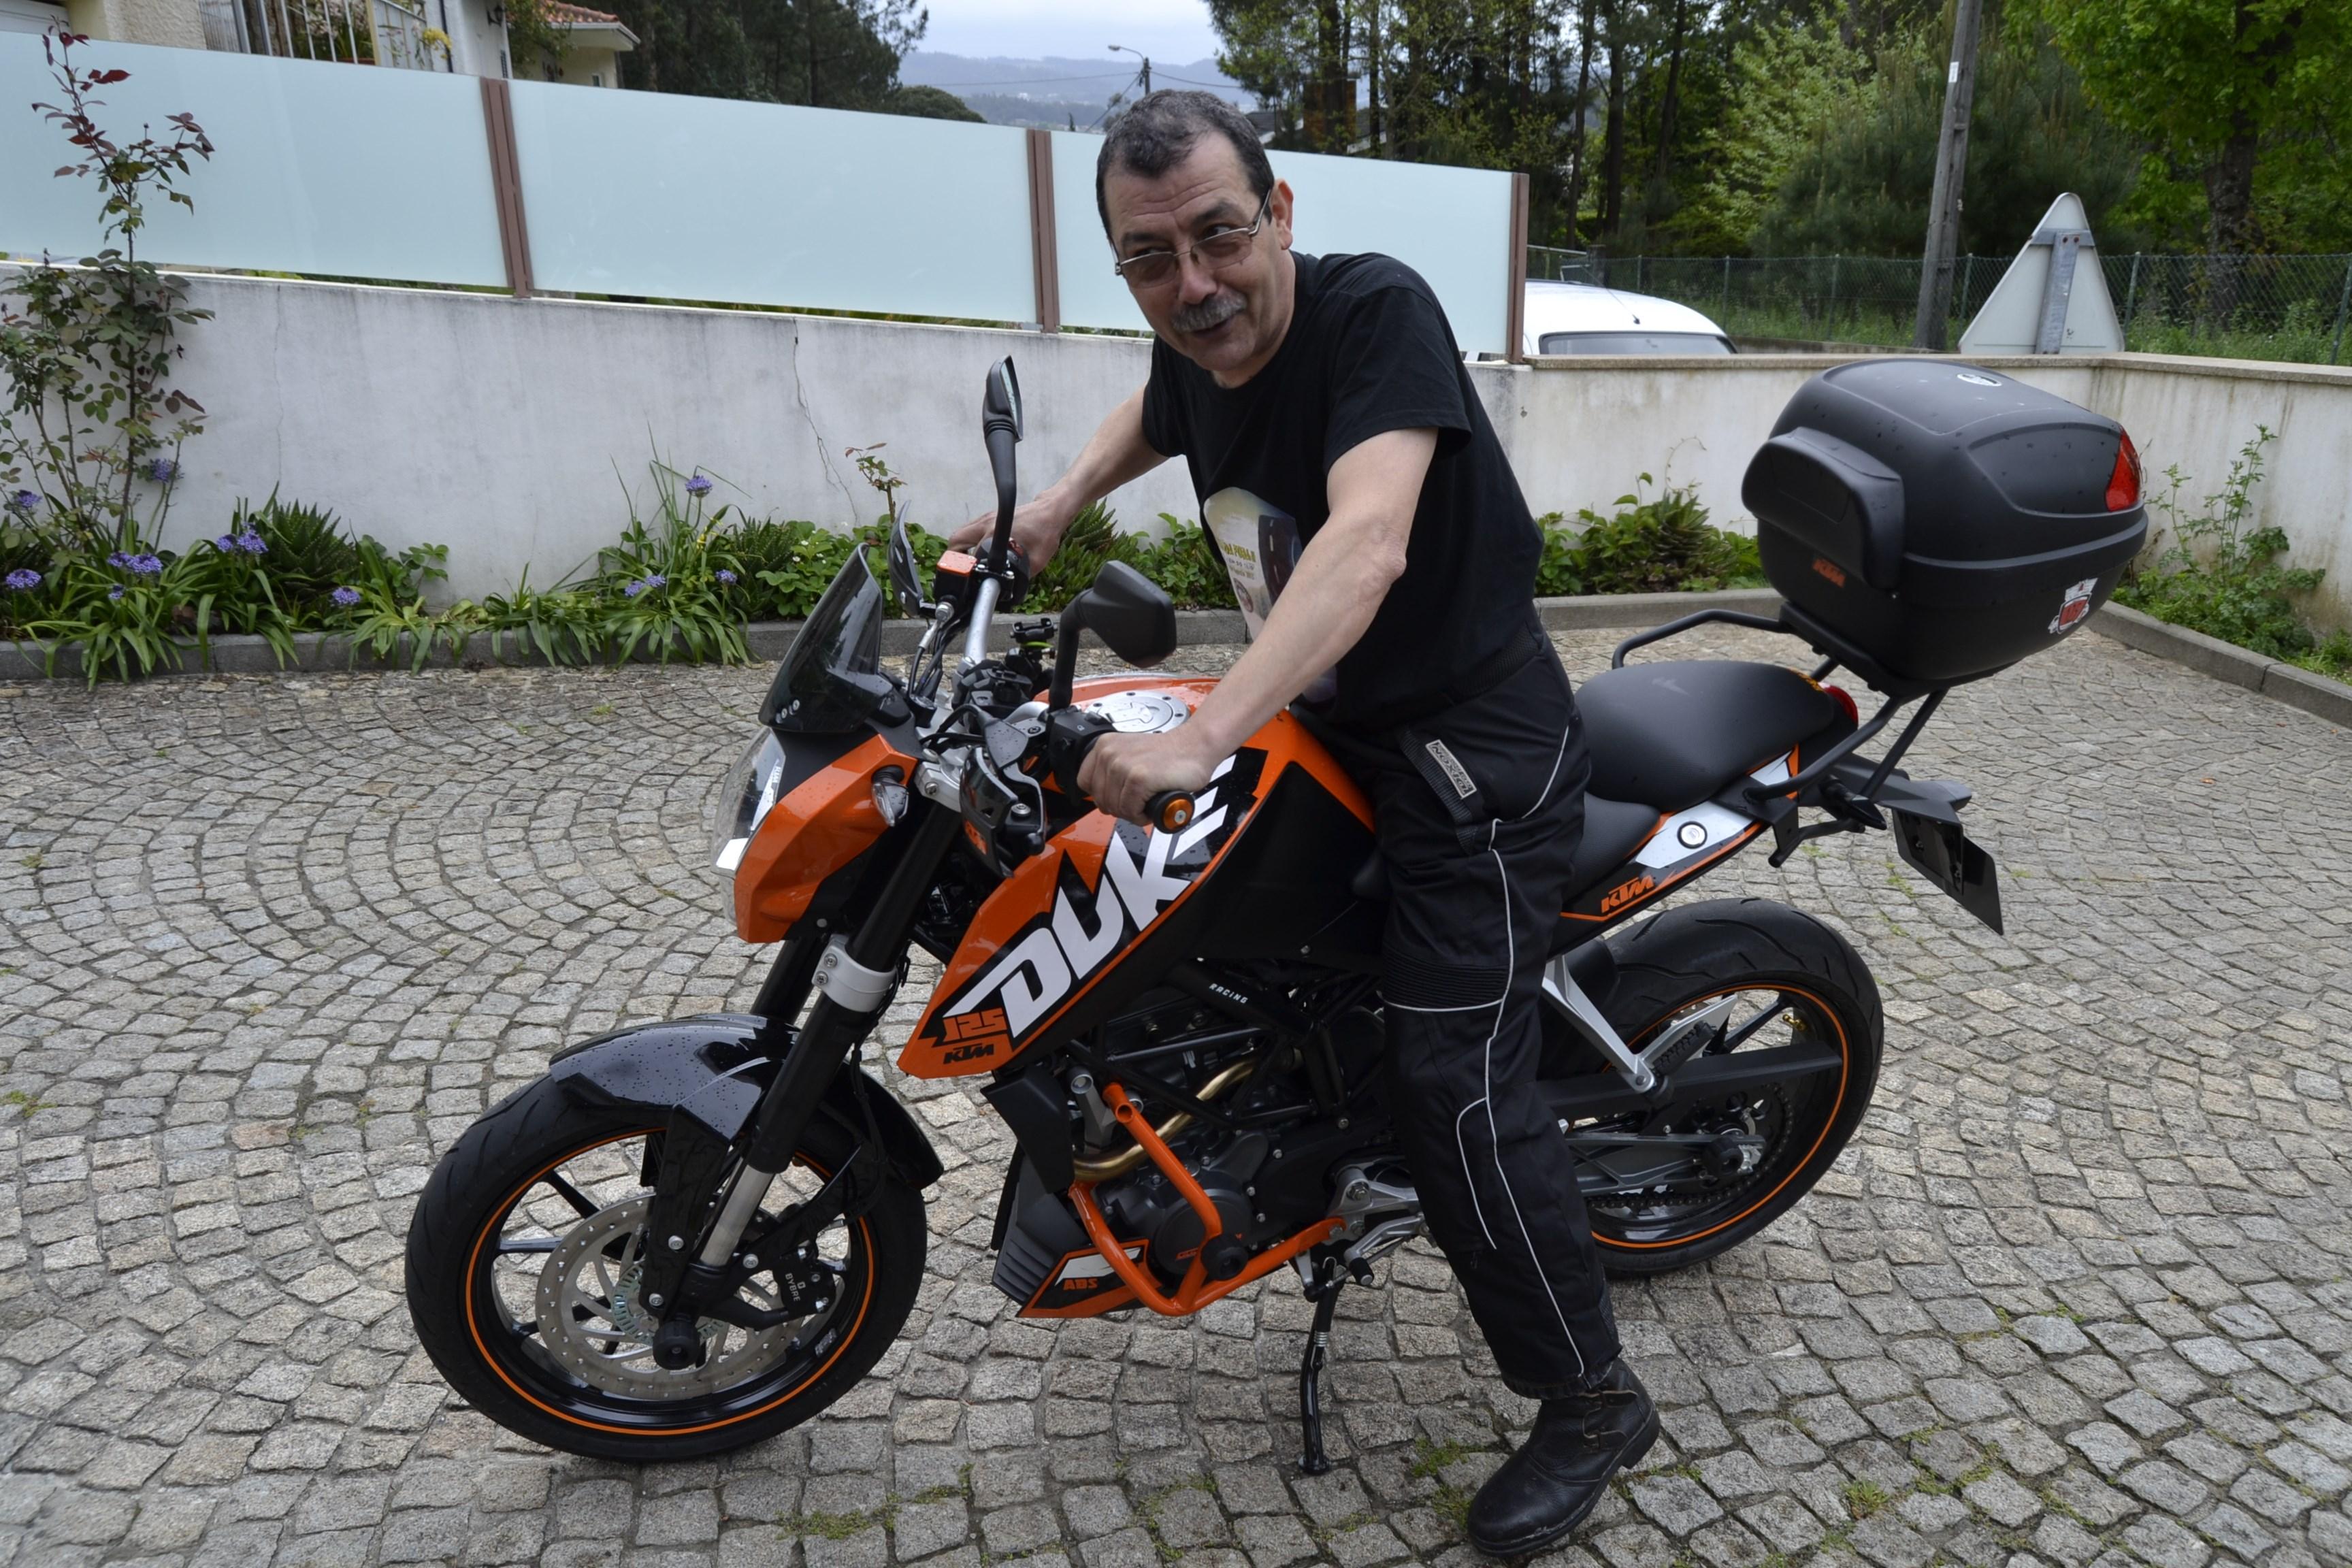 Dia do Motociclista - Viana do Castelo - 27.Abril.2014 - Página 6 14062480175_b4002e188b_o